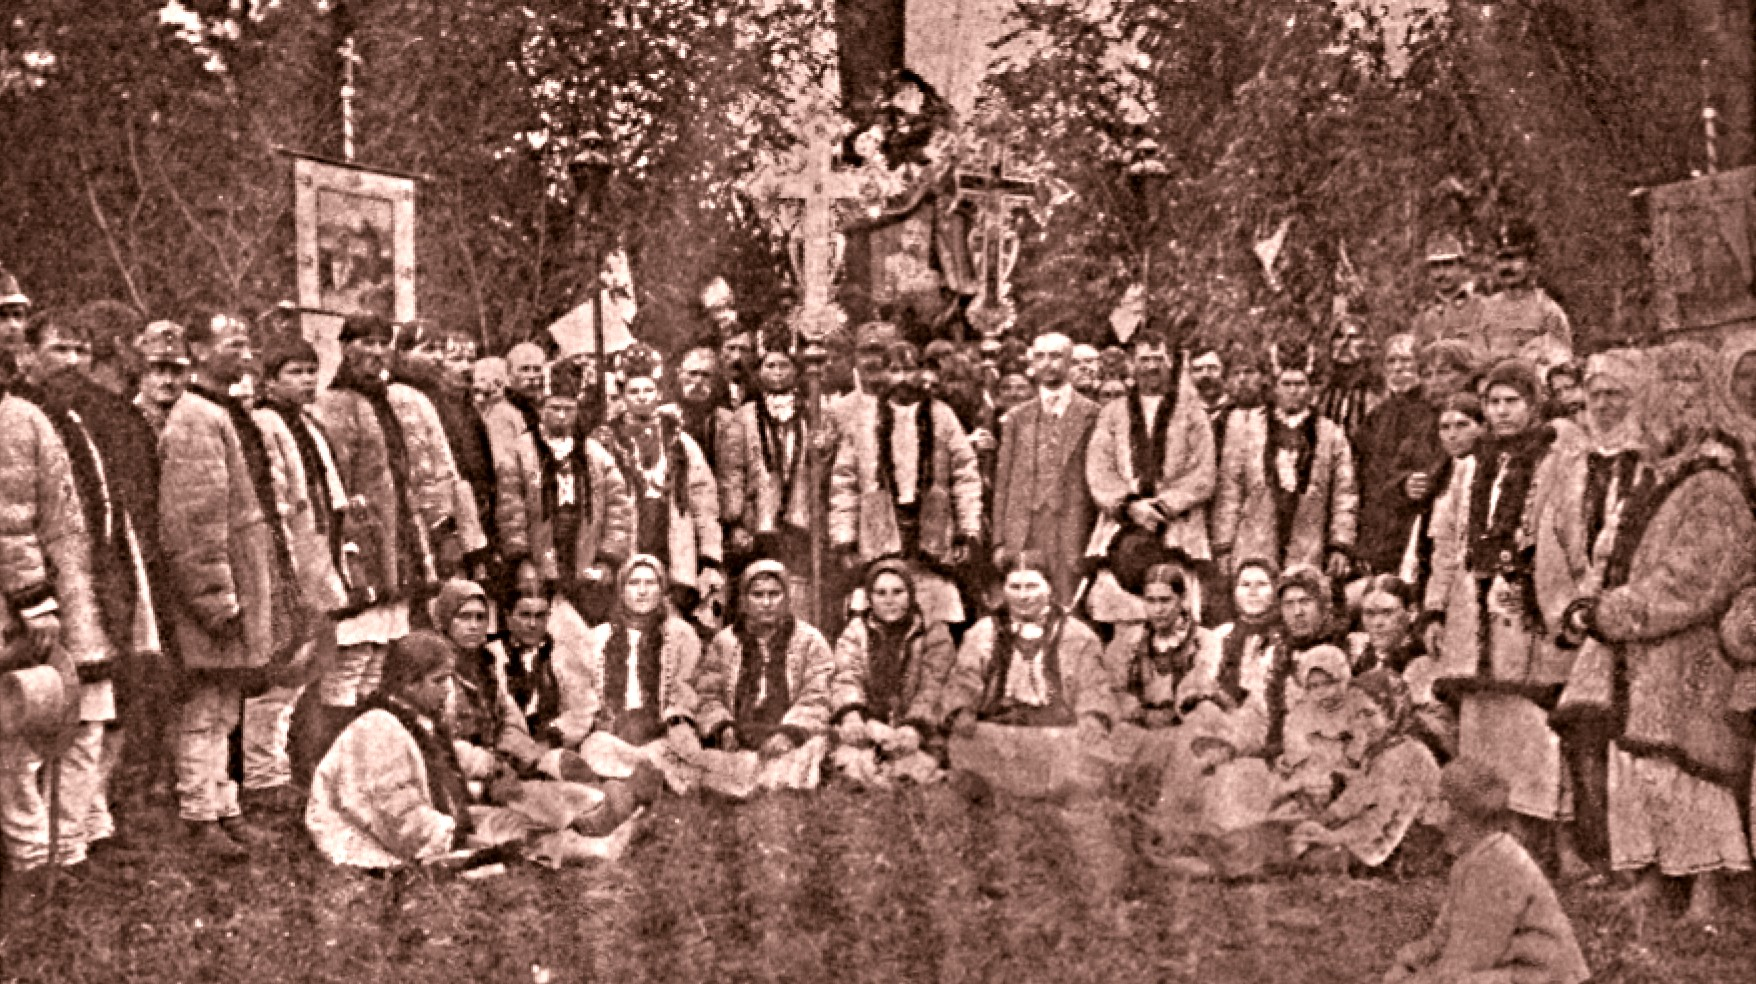 Jubileul Împăratului în Bucovina anului 1915 (15 august)